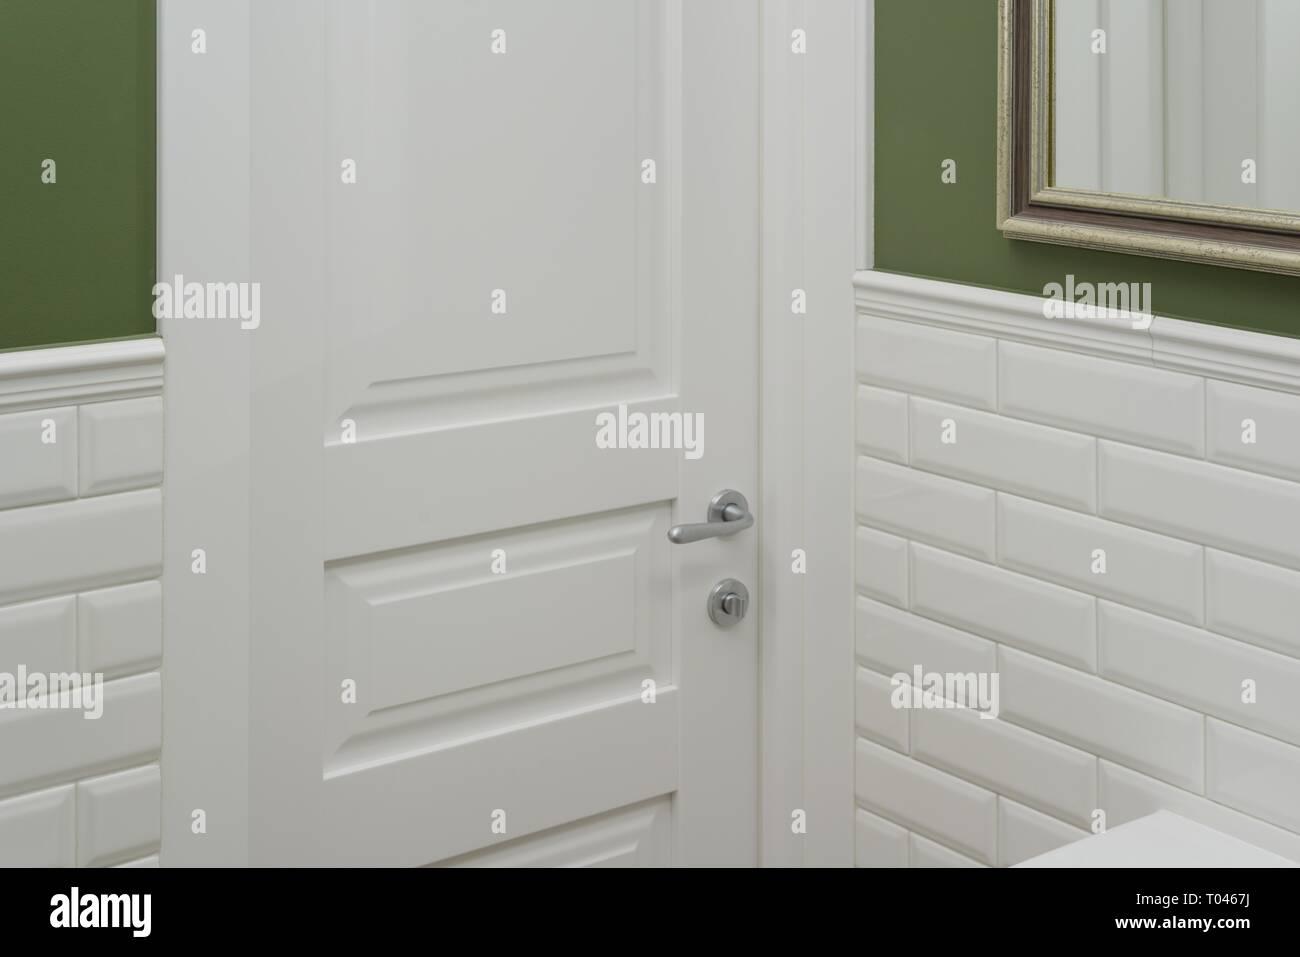 Decorazione Pareti Bagno : Porta bianca in bagno wc camera sfondo verde parete dipinta